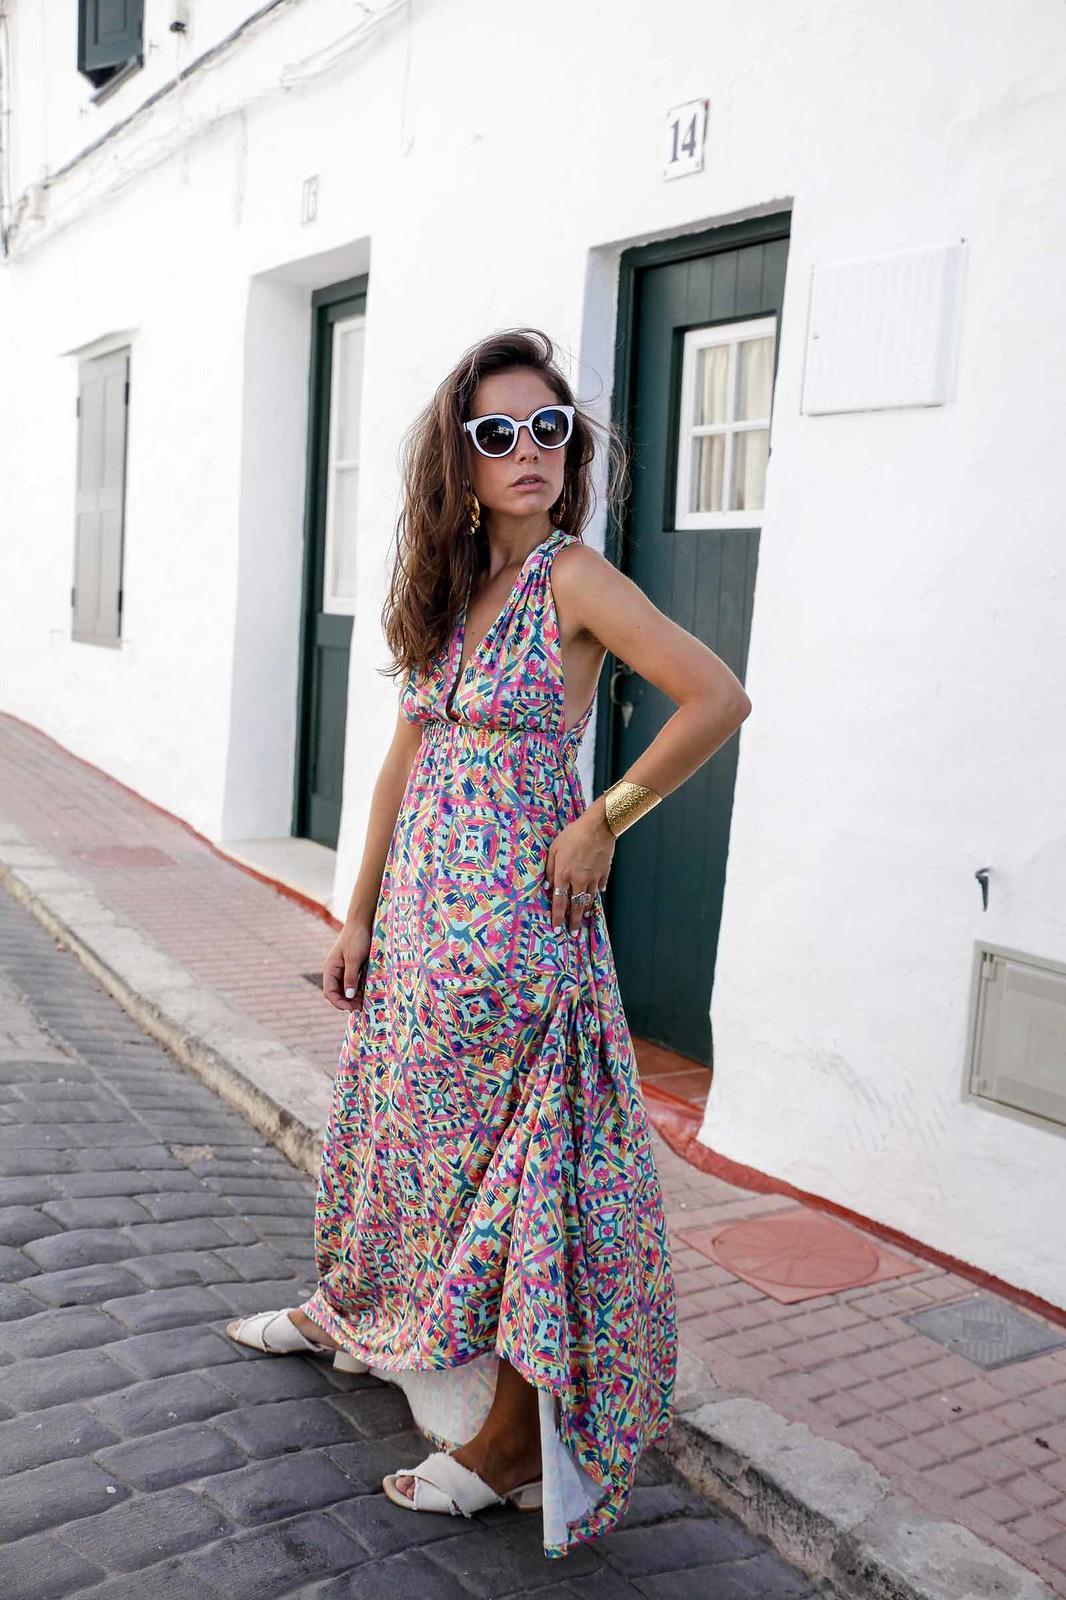 02_vestido_largo_colores_estilo_boho_rüga_chic_casual_street_style_outfit_theguestgirl_